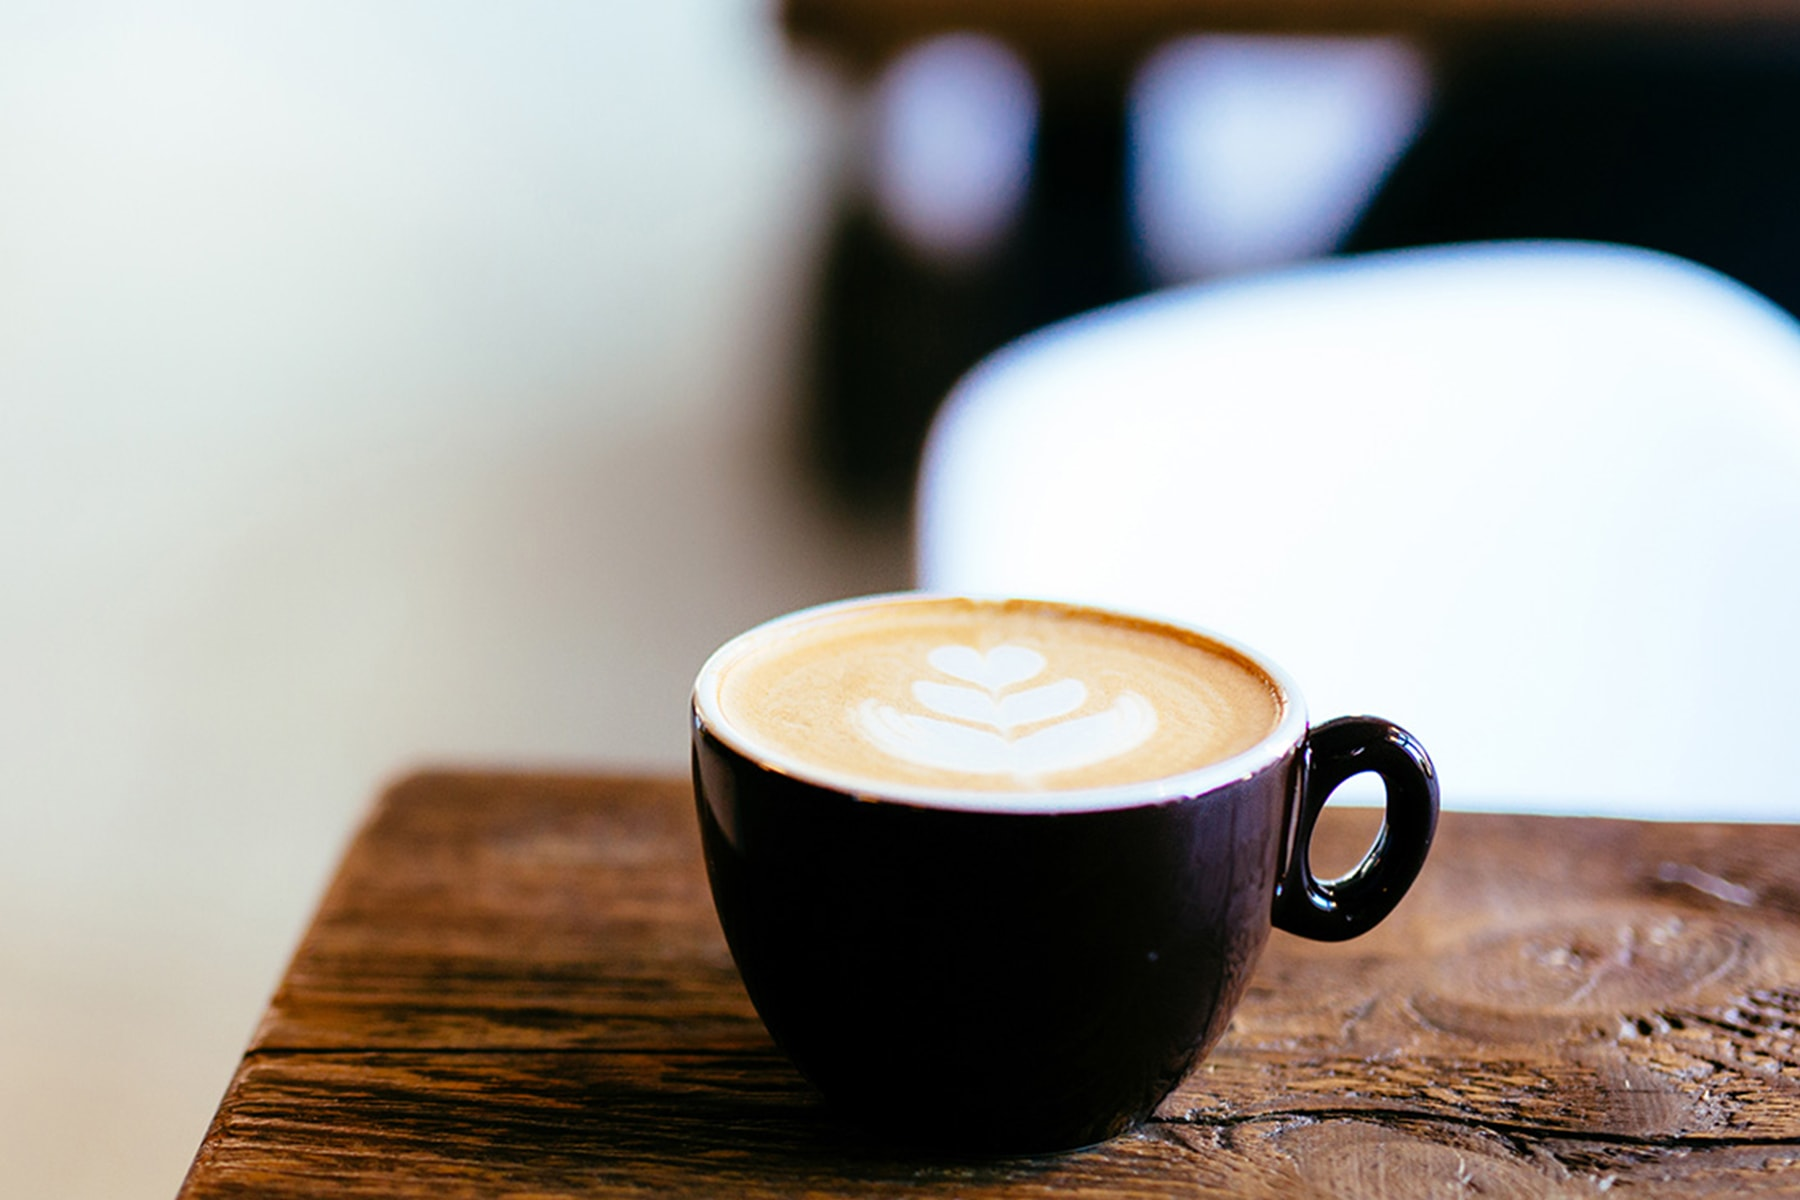 wie gesund ist kaffee wirklich best of coffee. Black Bedroom Furniture Sets. Home Design Ideas